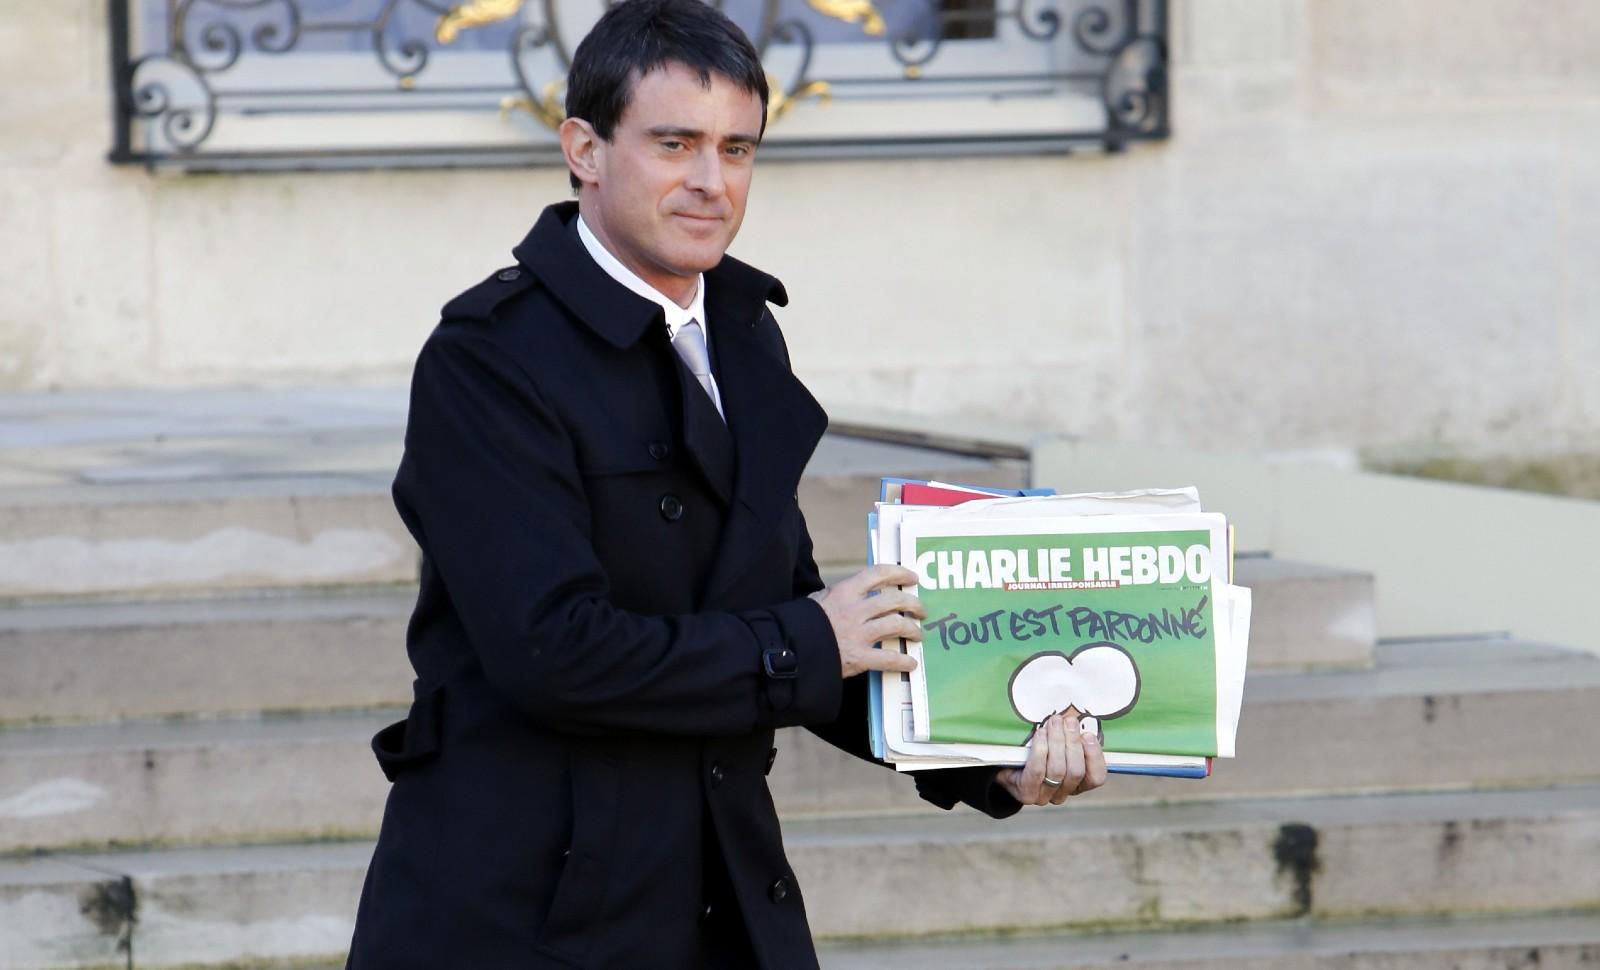 Manuel Valls, 14 janvier 2015. Une partie importante de la gauche conspue l'ancien Premier ministre et ne le considère plus comme de son camp politique © Patrick KOVARIK/ AFP